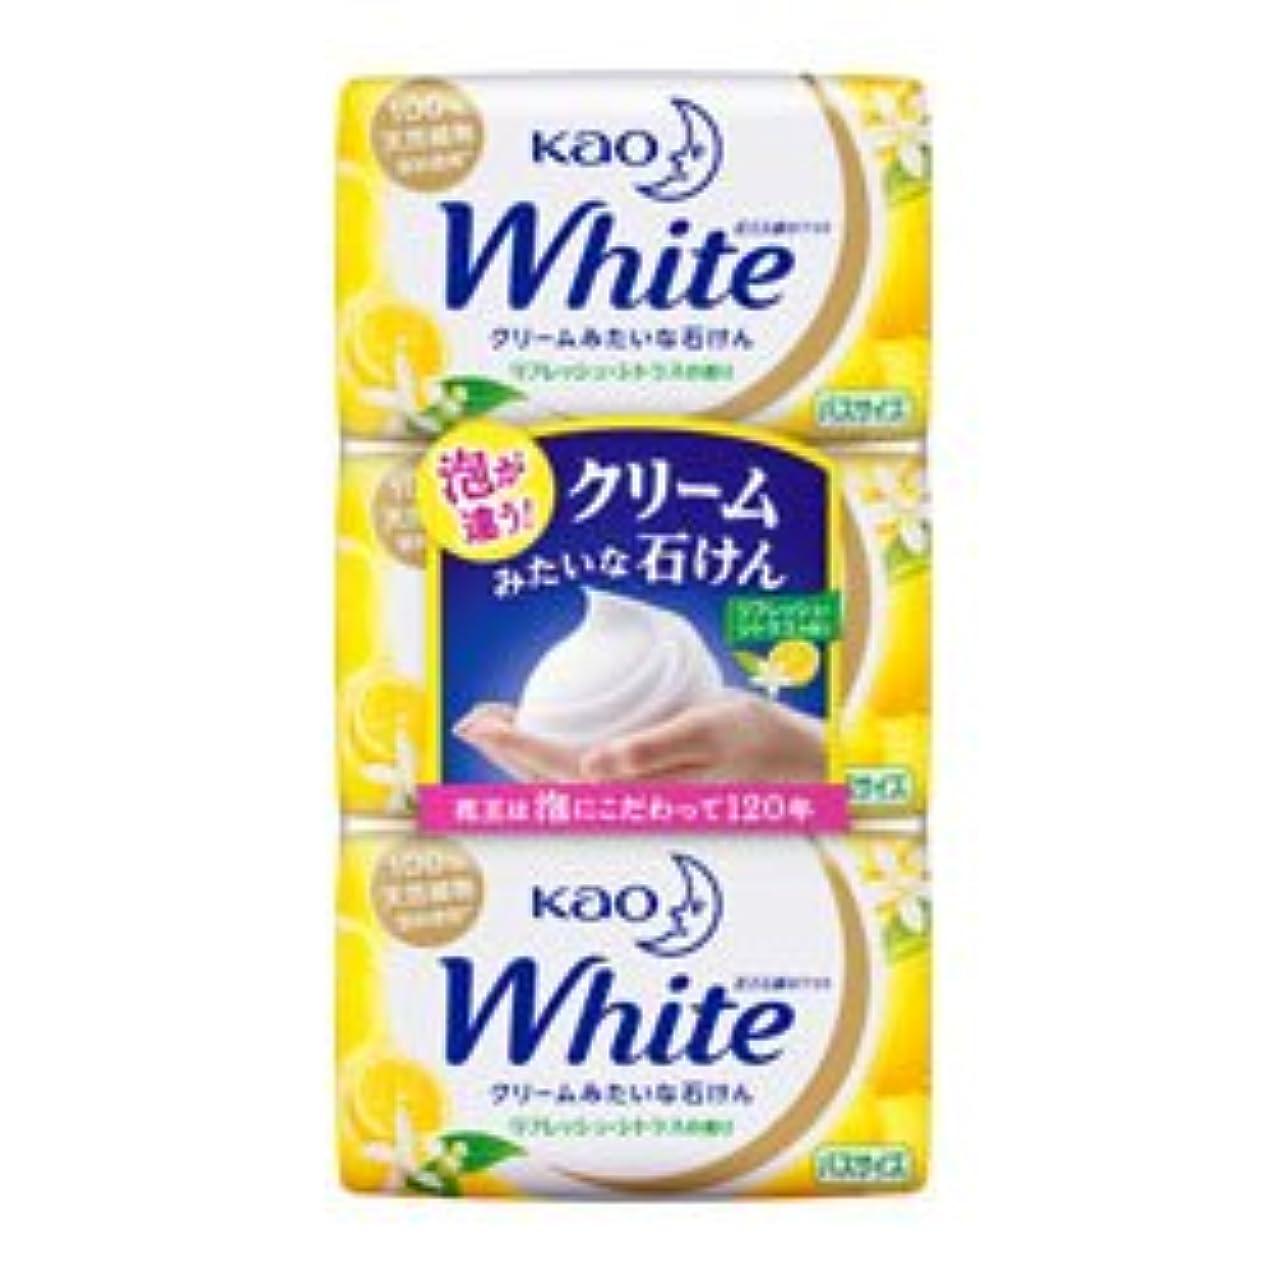 お祝い法律扱いやすい【花王】ホワイト リフレッシュ?シトラスの香り バスサイズ 130g×3個入 ×20個セット